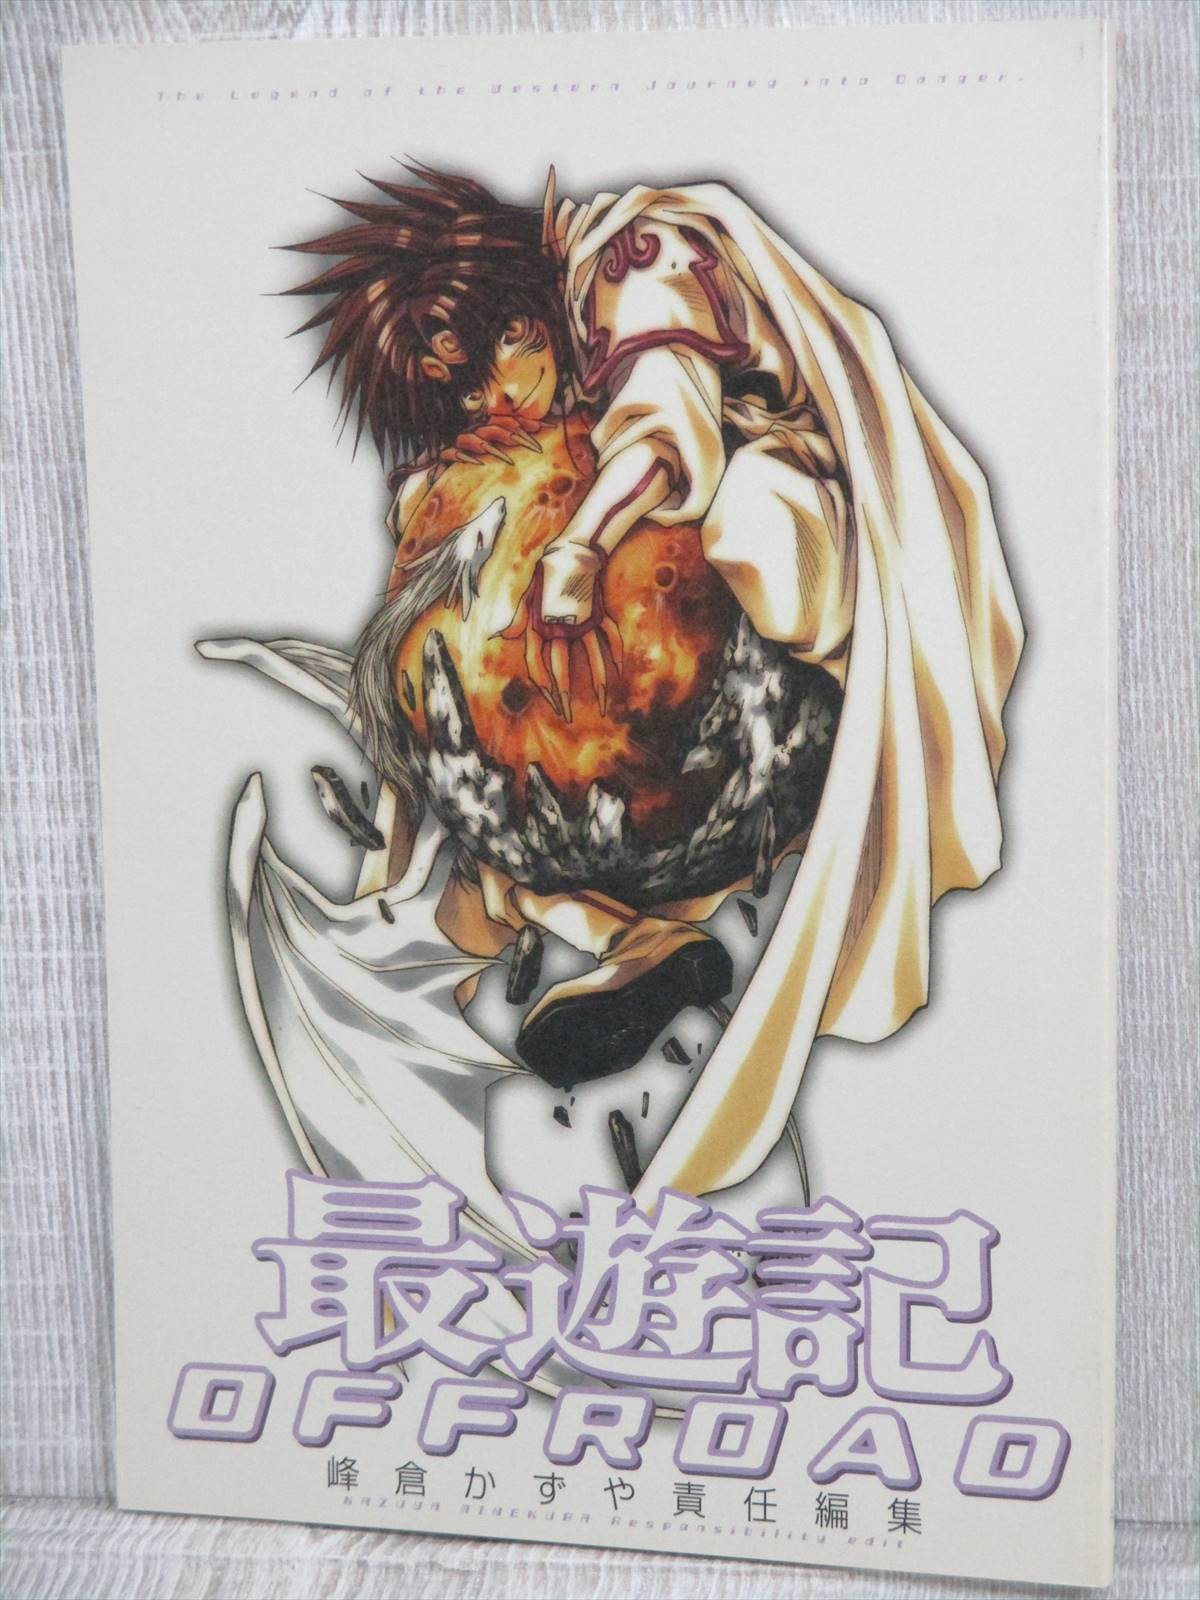 JAPANESE MANGA COMIC SAIYUKI GAIDEN VOL.1-4 COMPLETE SET KAZUYA MINEKURA